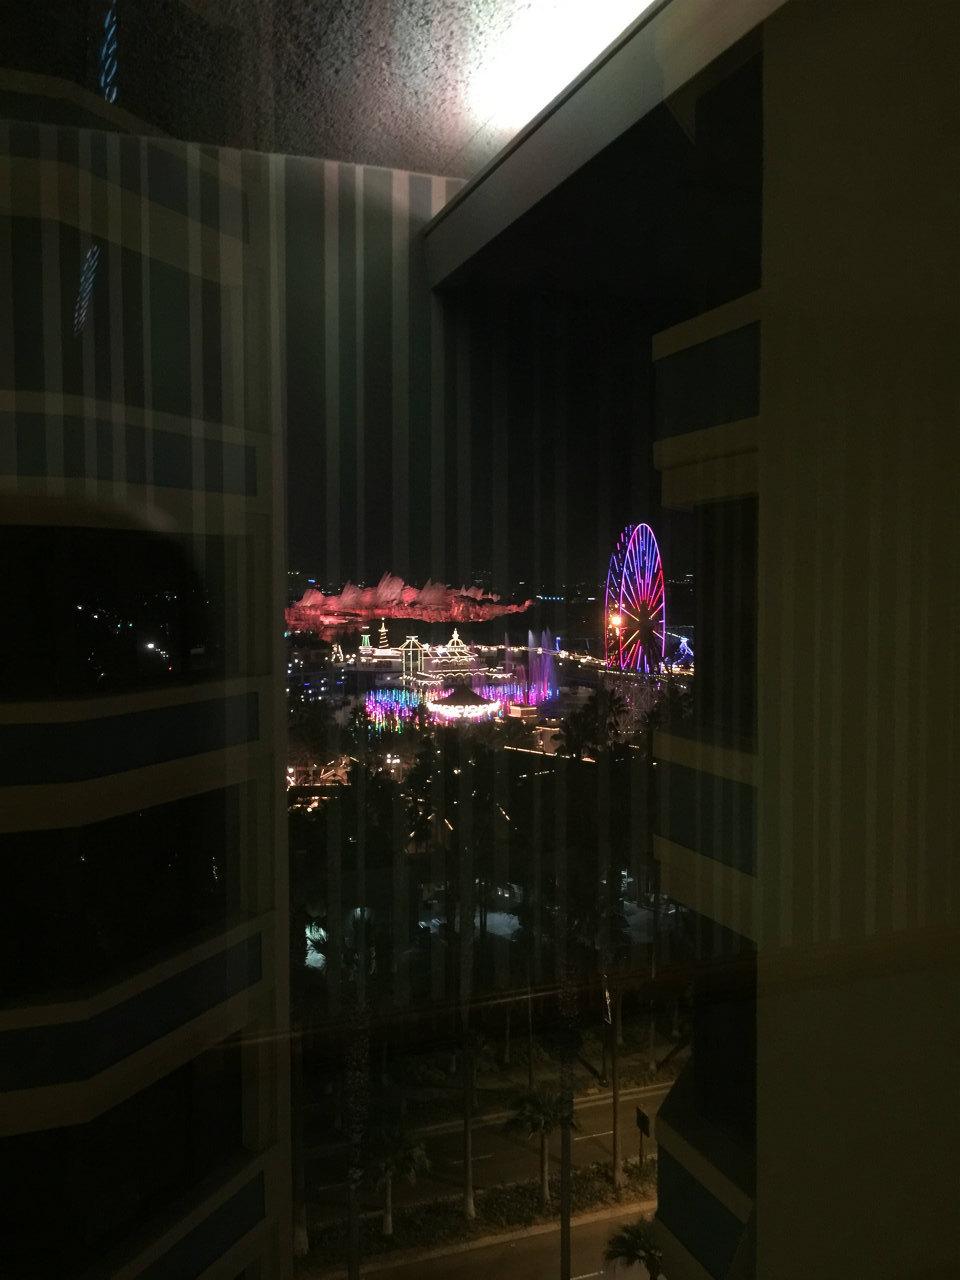 ホテルの廊下からスマートフォンで撮影したパラダイス・ピア、こんな眺めを楽しめるのもメリットの1つなのかもしれません。